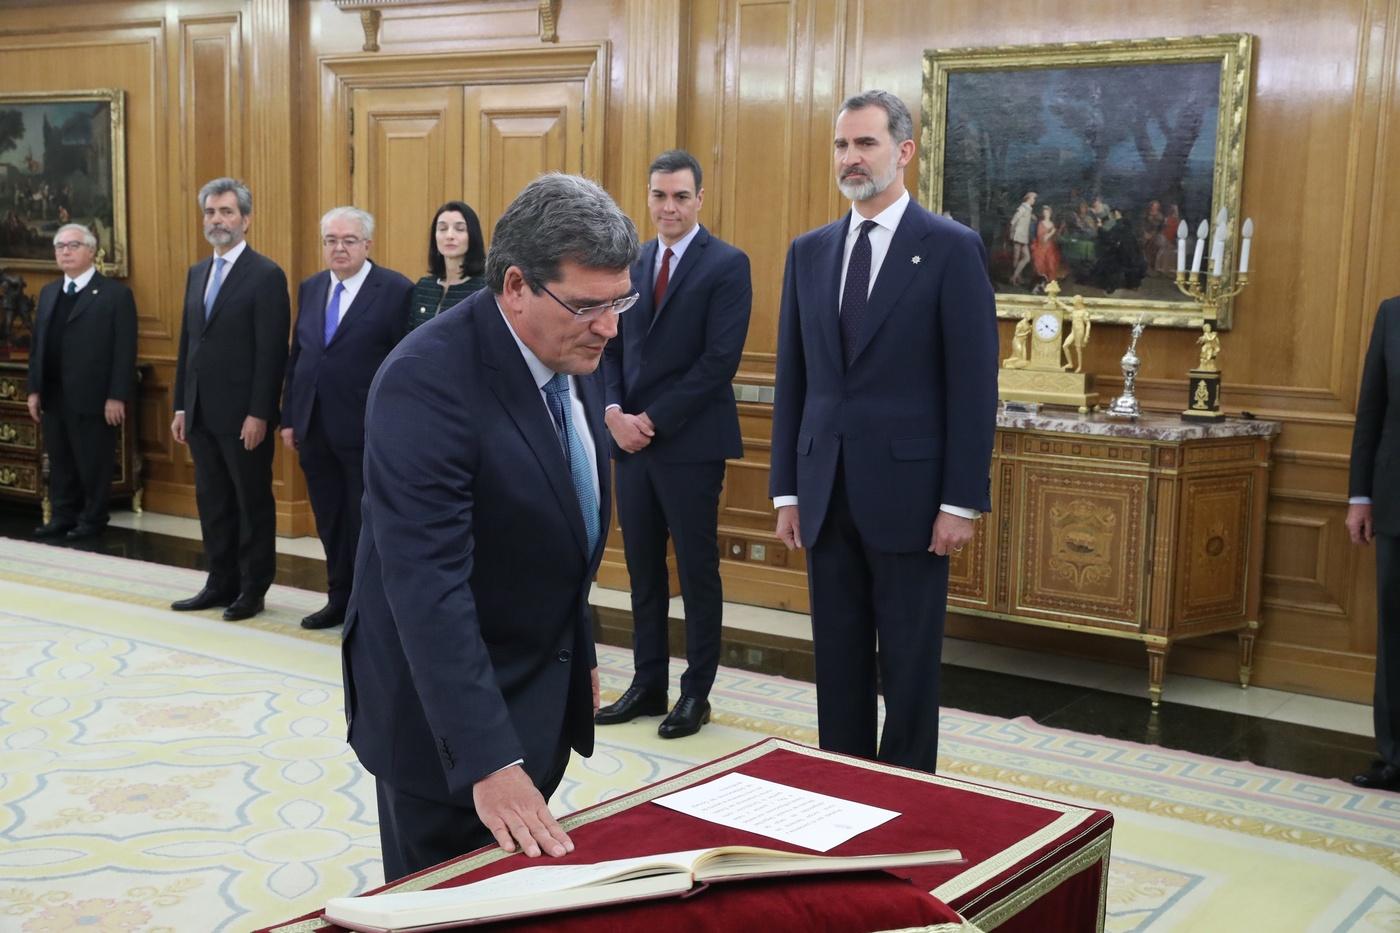 https://www.casareal.es/sitios/ListasAux/Galeras/20200113-PROMESA_DE_LOS_MINISTROS_DEL_N-ES-230187/rey_promesa_ministros_20200113_21.jpg